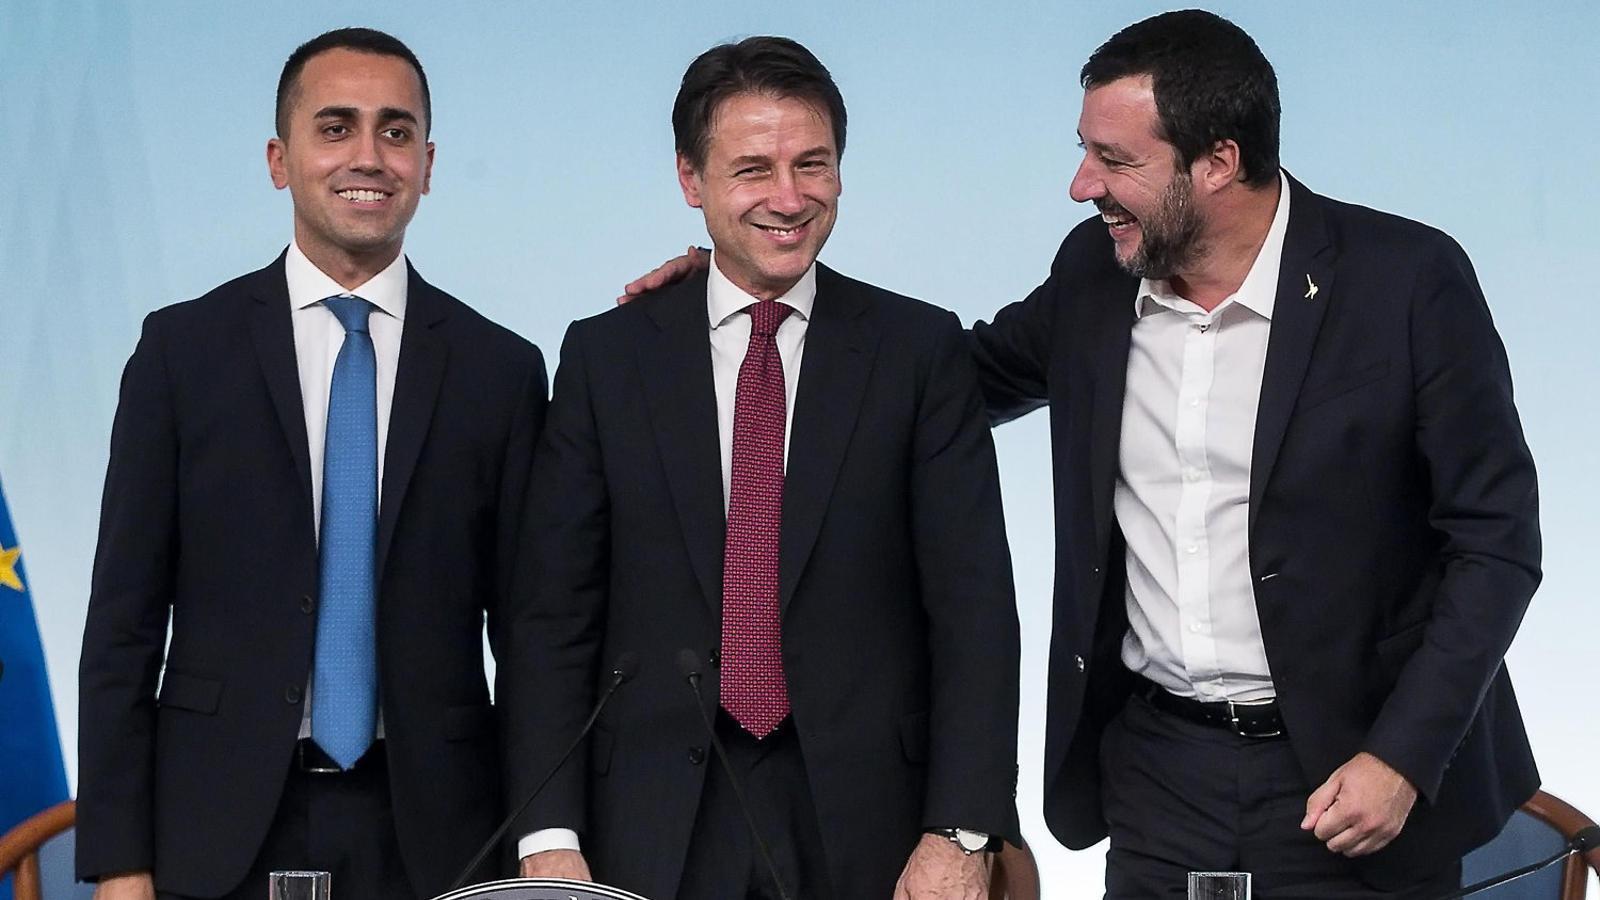 La resposta a Itàlia, una derrota europea segura